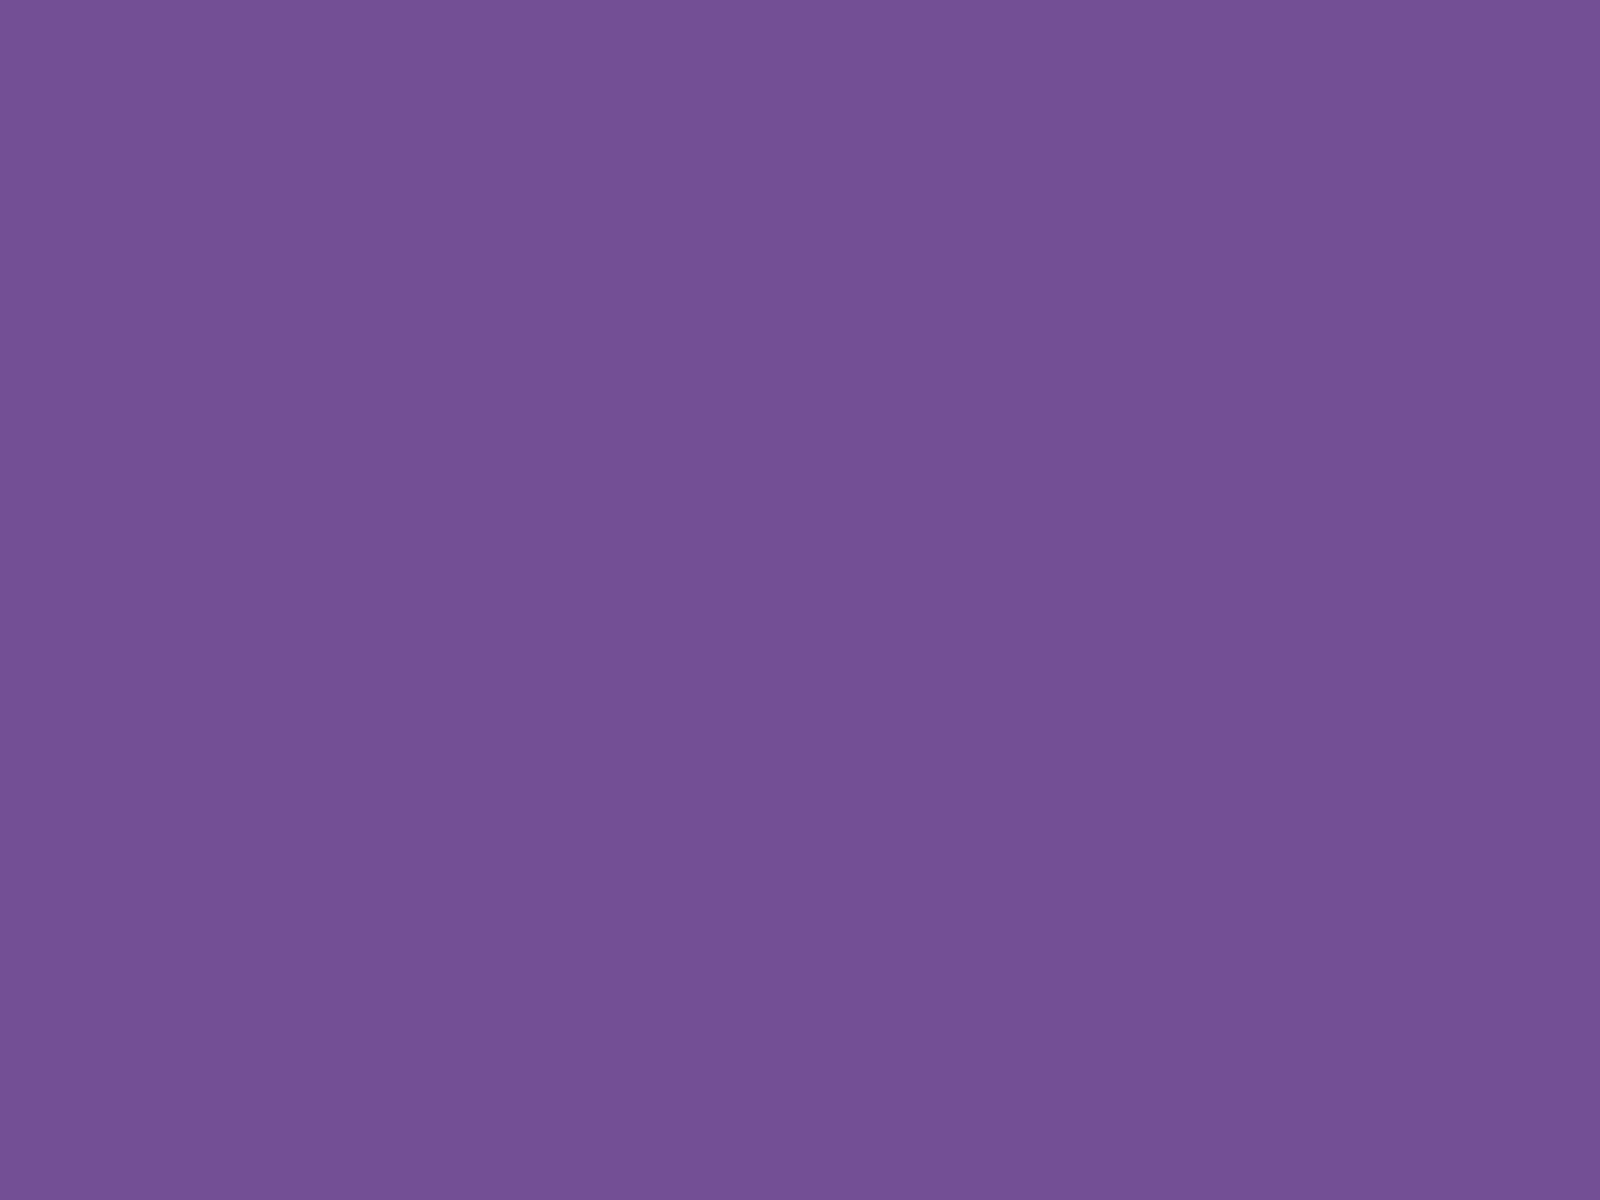 1600x1200 dark lavender solid color background - Wallpaper lavender color ...